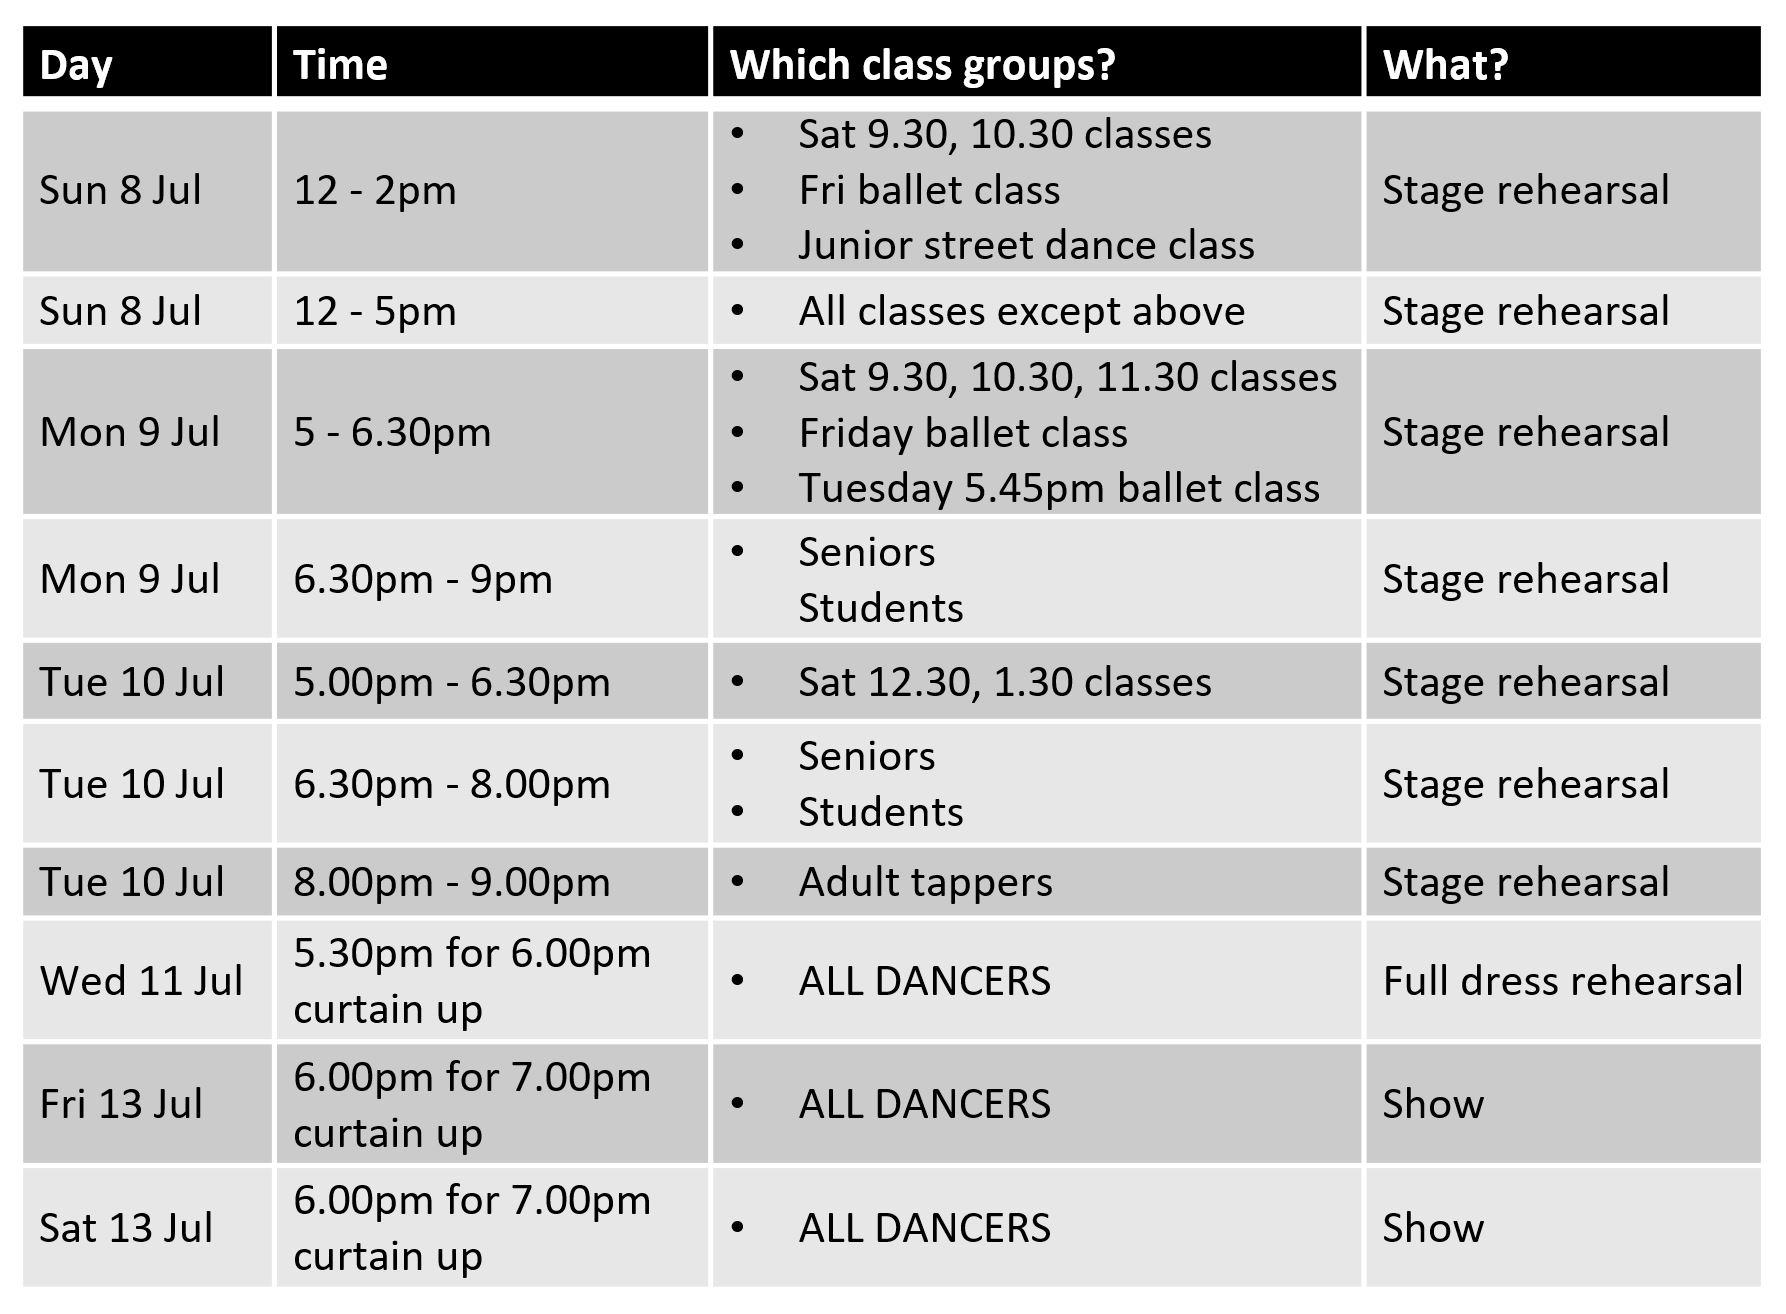 SK Dance Studio 2018 Show rehearsal schedule